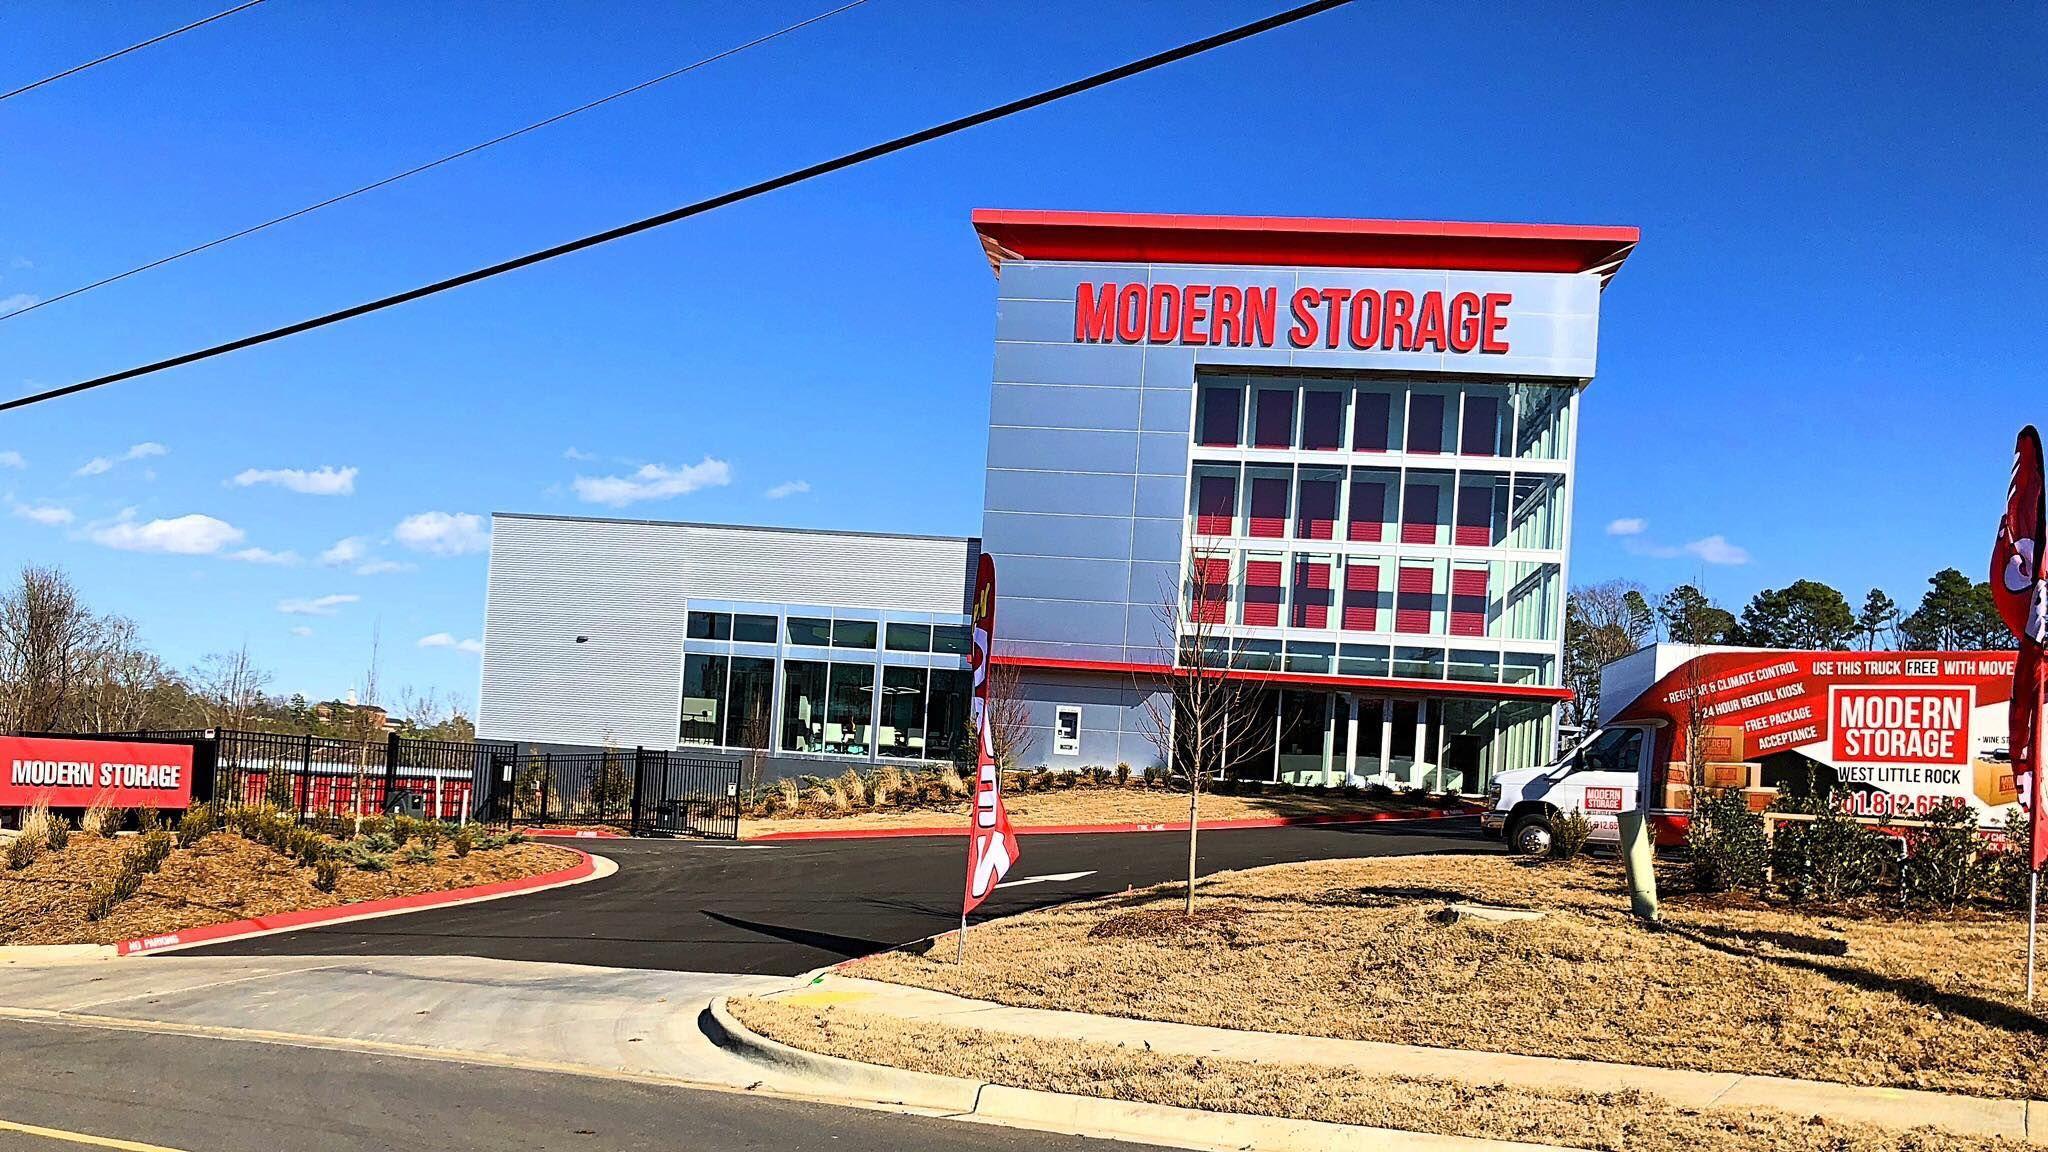 Https Www Modernstorage Com Modern Storage West Little Rock Arkansas Is A Luxury Storage Facility In Little Ro Storage Facility Luxury Storage Self Storage